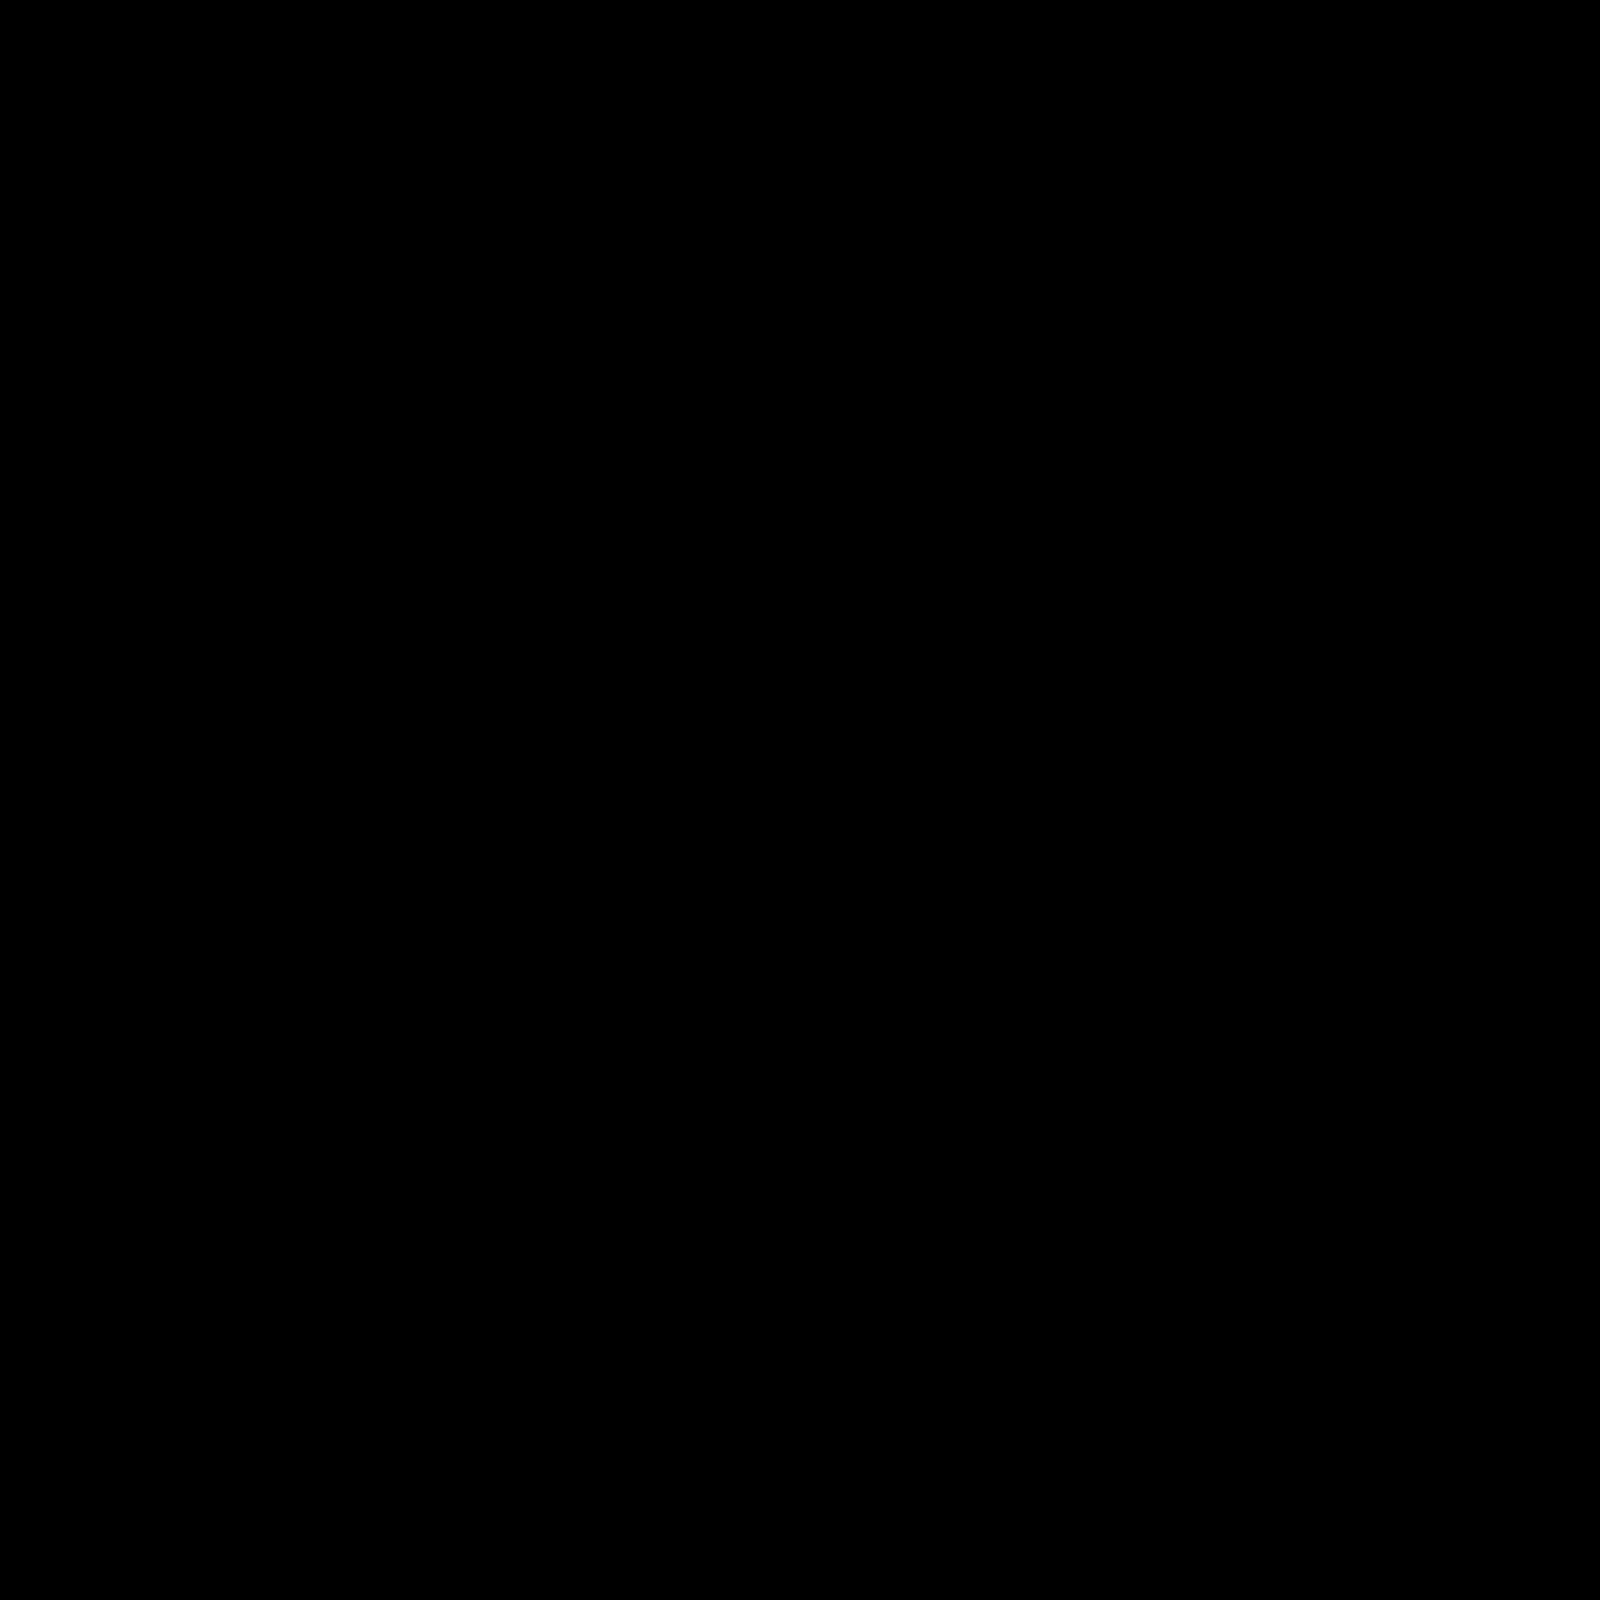 Square clipart shape person. Open box icon free